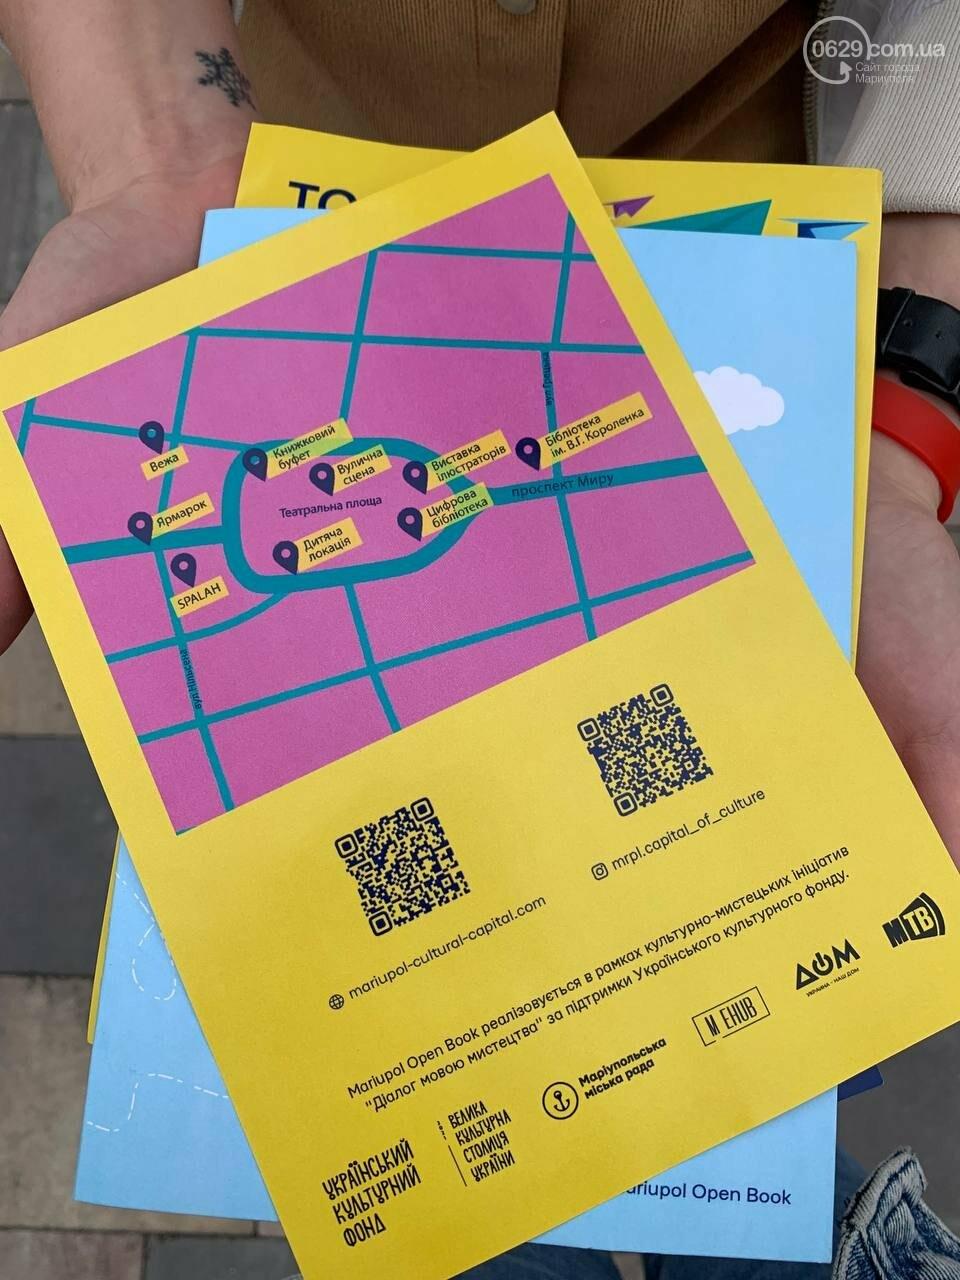 Книжковий фестиваль у Маріуполі вже у ці вихідні: розповідаємо про цікавинки, - ФОТО, фото-1